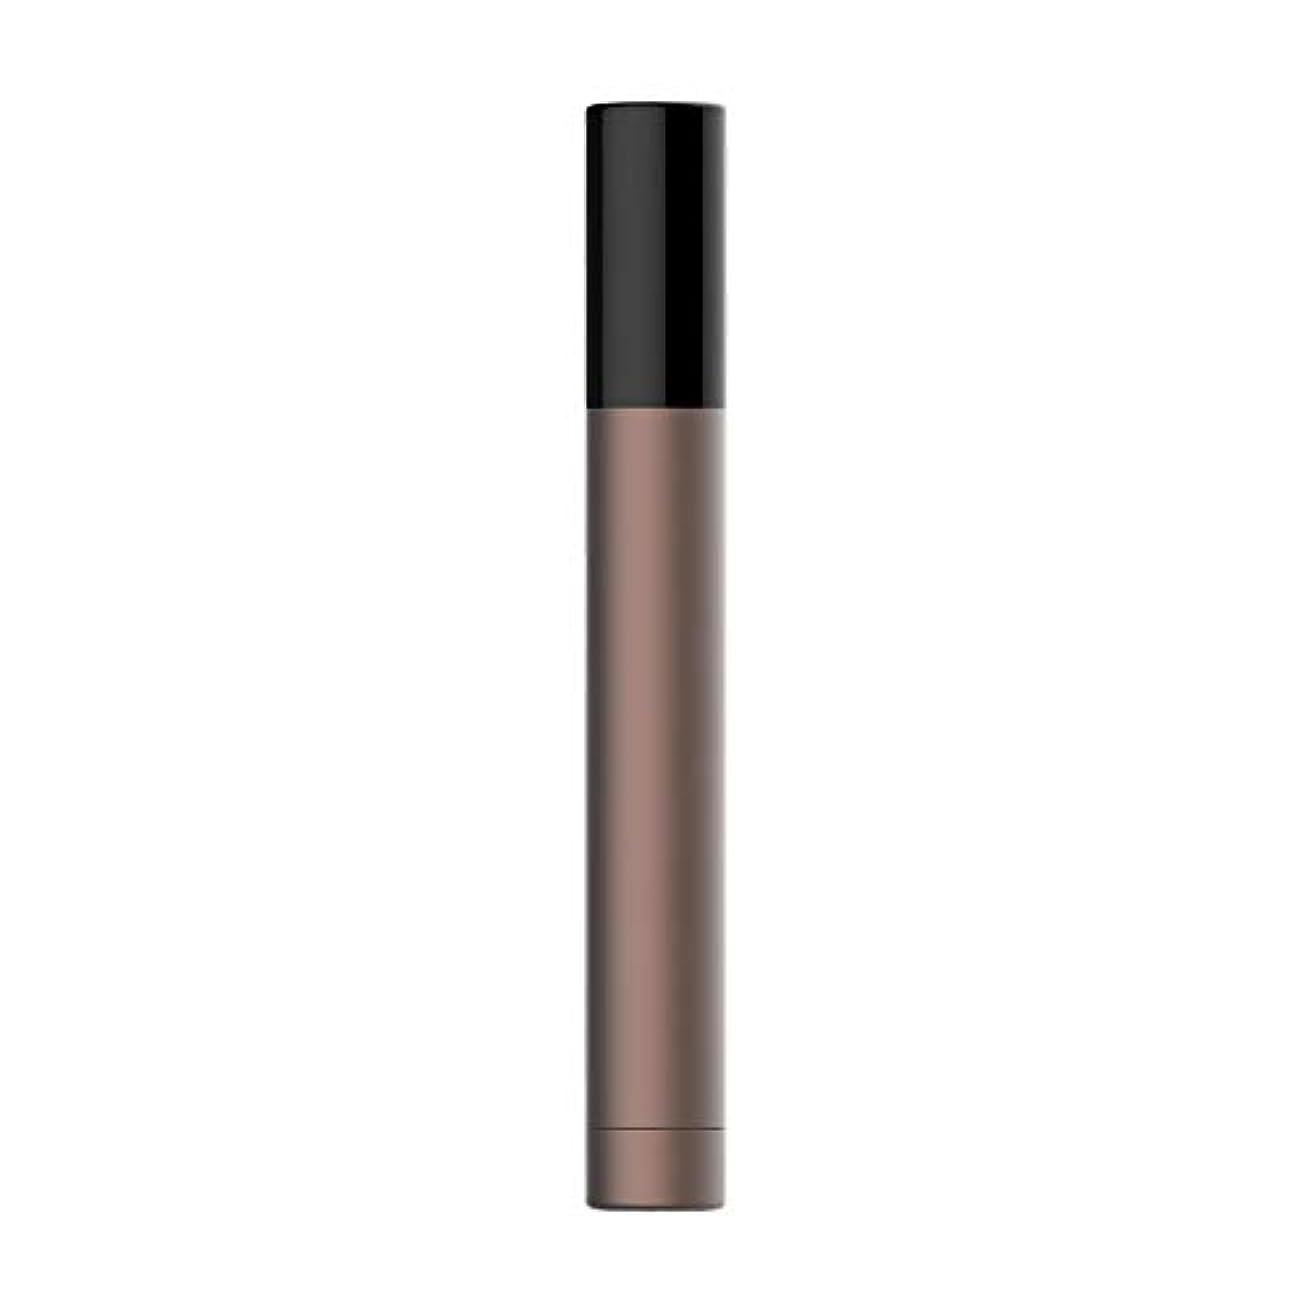 技術オンケーブルカー鼻毛トリマー-密閉防水効果/シングルカッターヘッドシャープで耐久性のある/男性用剃毛鼻毛はさみ/ポータブルデザイン、旅行に便利/ 12.9 * 1.65cm 作り方がすぐれている